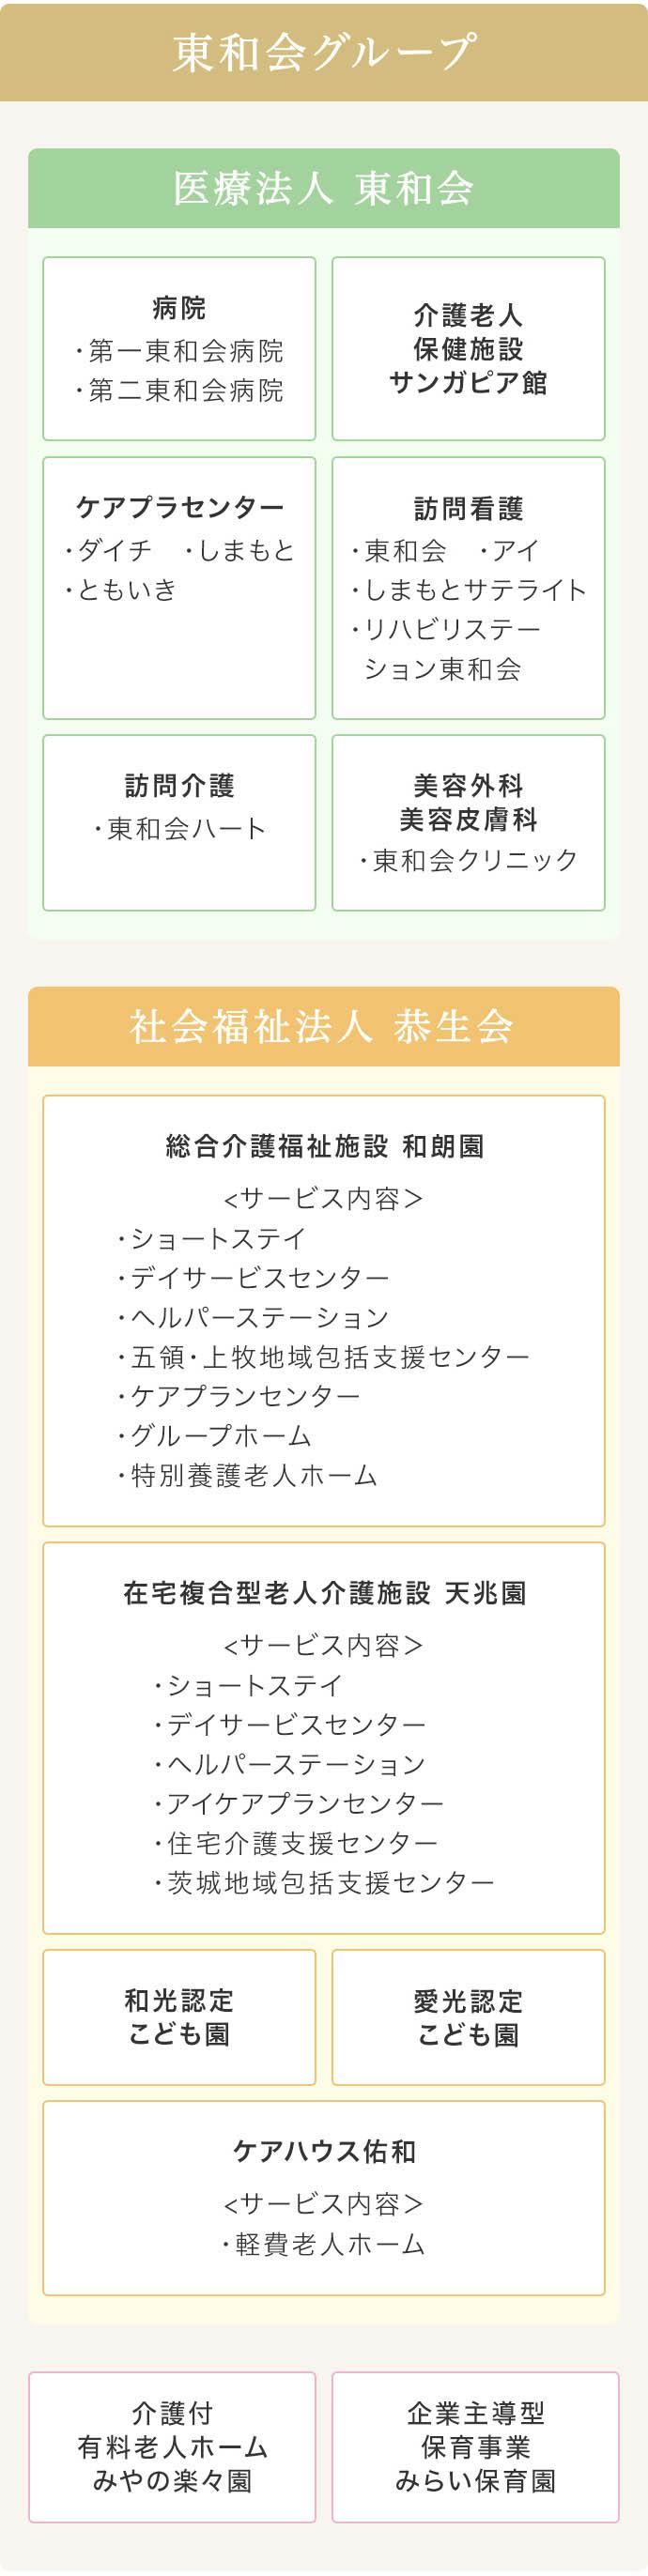 グループ組織図:医療法人 東和会・社会福祉法人 恭生会・みやの楽々園